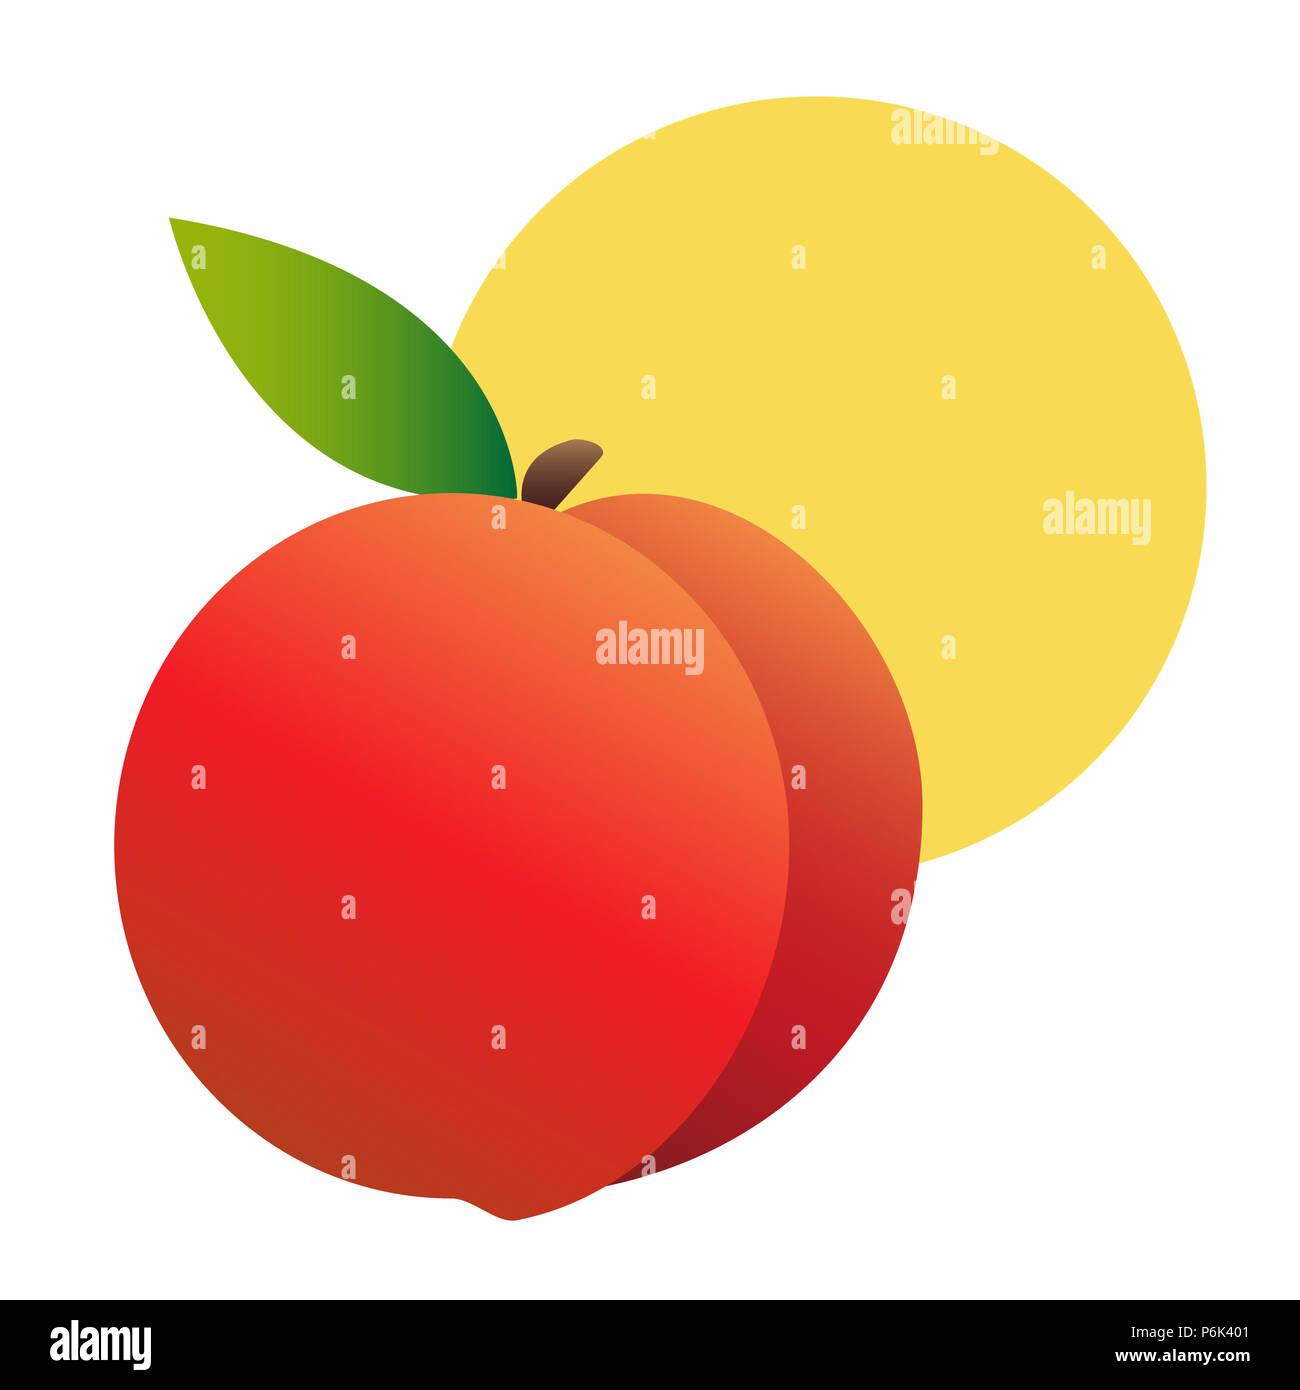 Illustrazione di un realistico peach contro un sole giallo. Sfondo bianco. Estiva e fresca e moderna. Immagini Stock